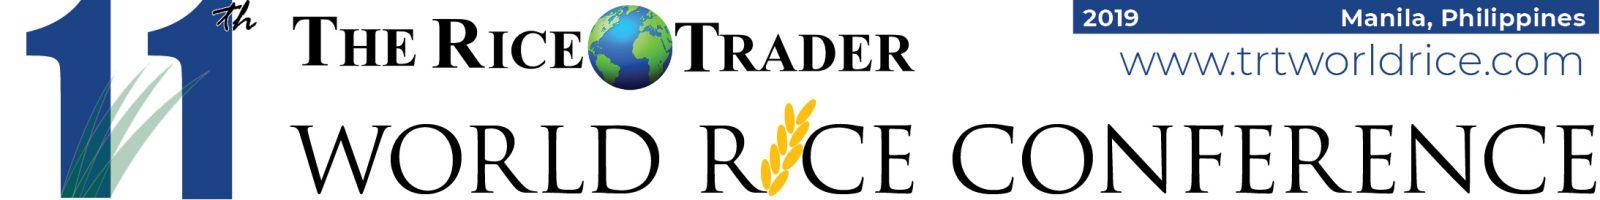 Cuộc thi được tổ chứctrong khuôn khổ hội nghị Thương mại Gạo Thế giới lần thứ 11 do The Rice Trader chủ trì và tổ chức sự kiện.